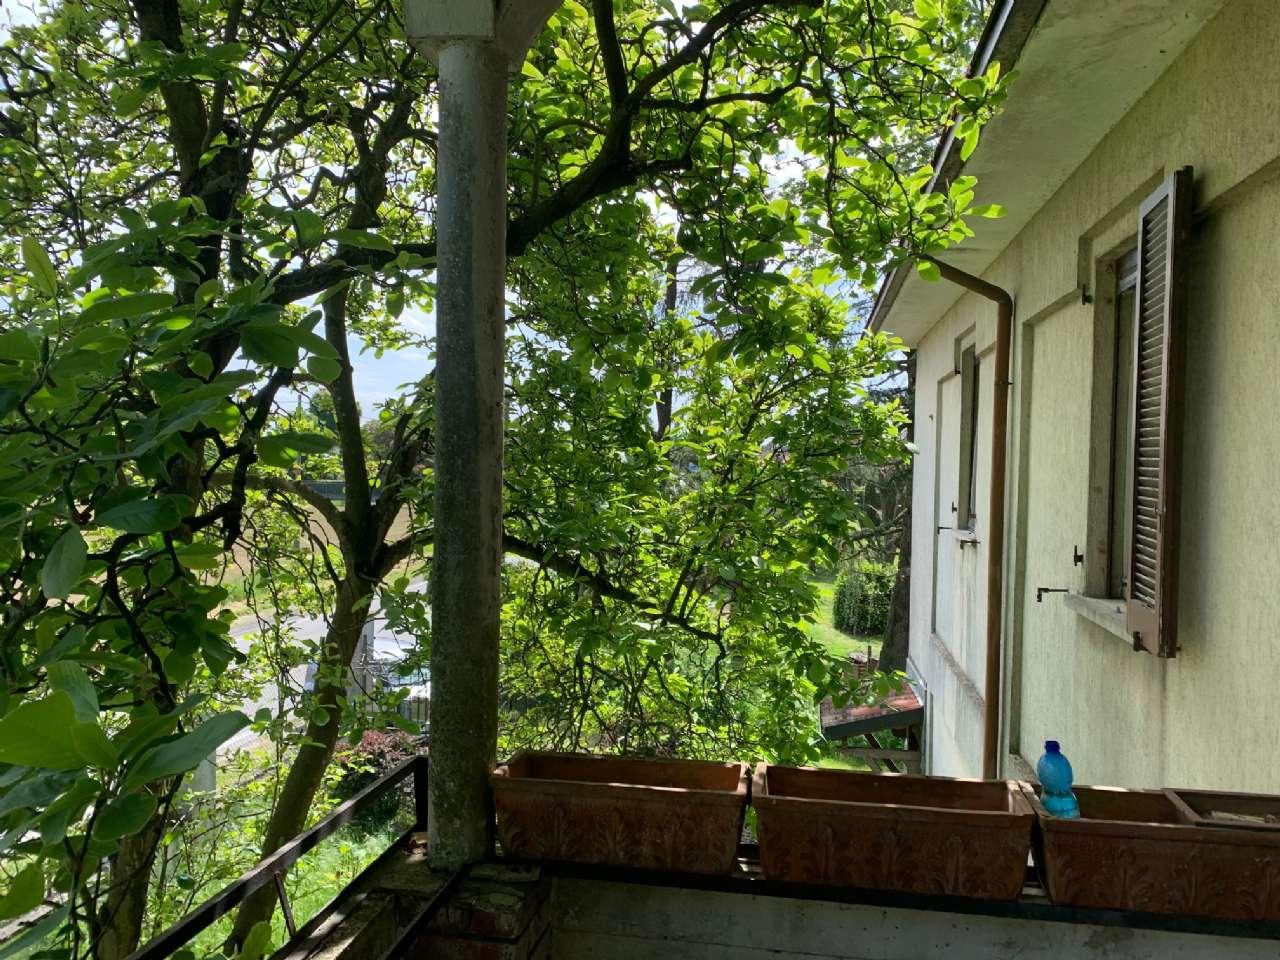 Villa in vendita a Motta Visconti, 6 locali, prezzo € 189.000 | PortaleAgenzieImmobiliari.it